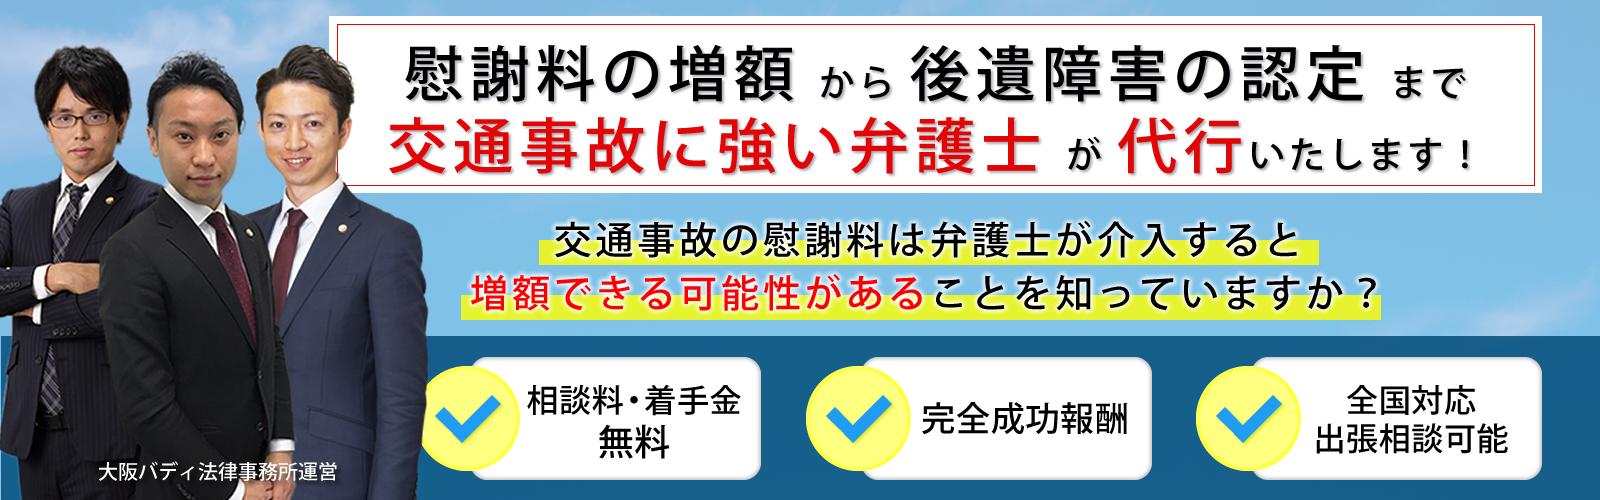 大阪の交通事故に強い弁護士が慰謝料増額から後遺障害の認定まで代行いたします